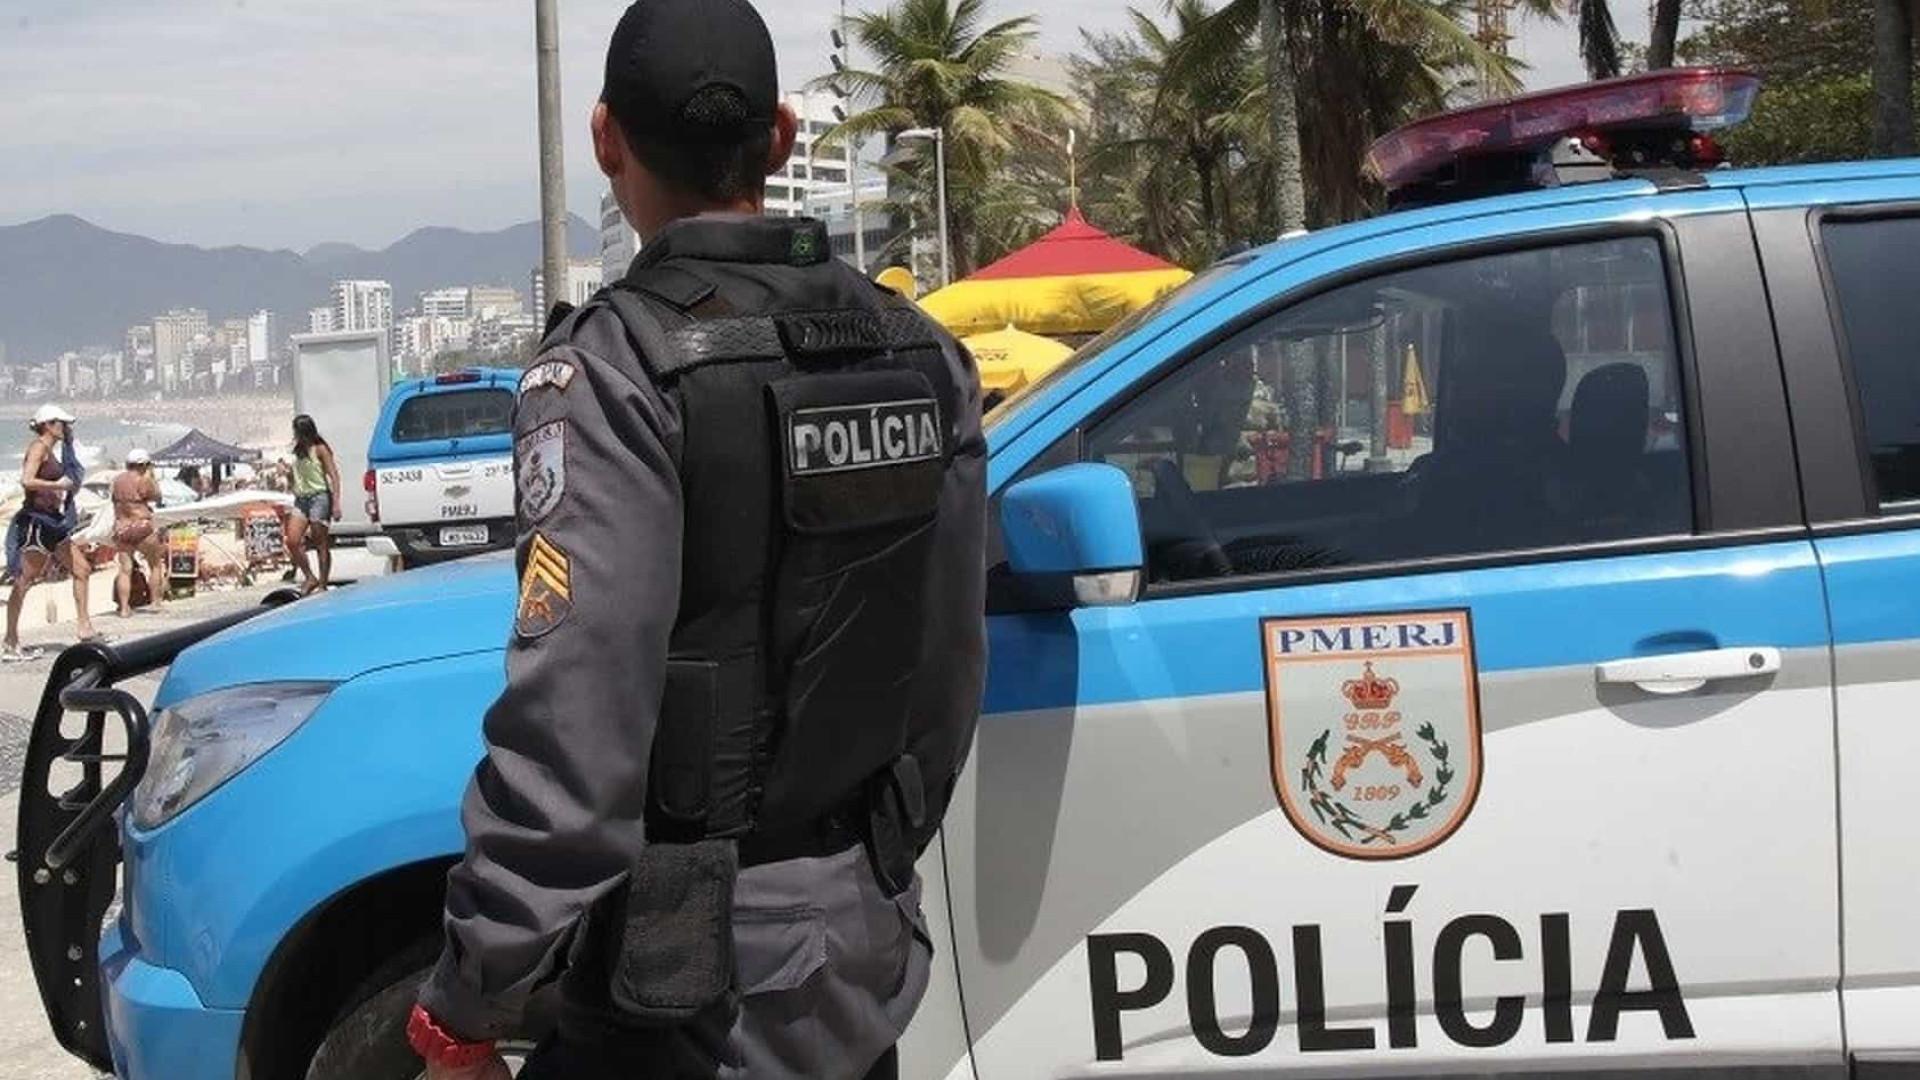 PM detém profissionais de saúde após protesto sobre coronavírus no Rio